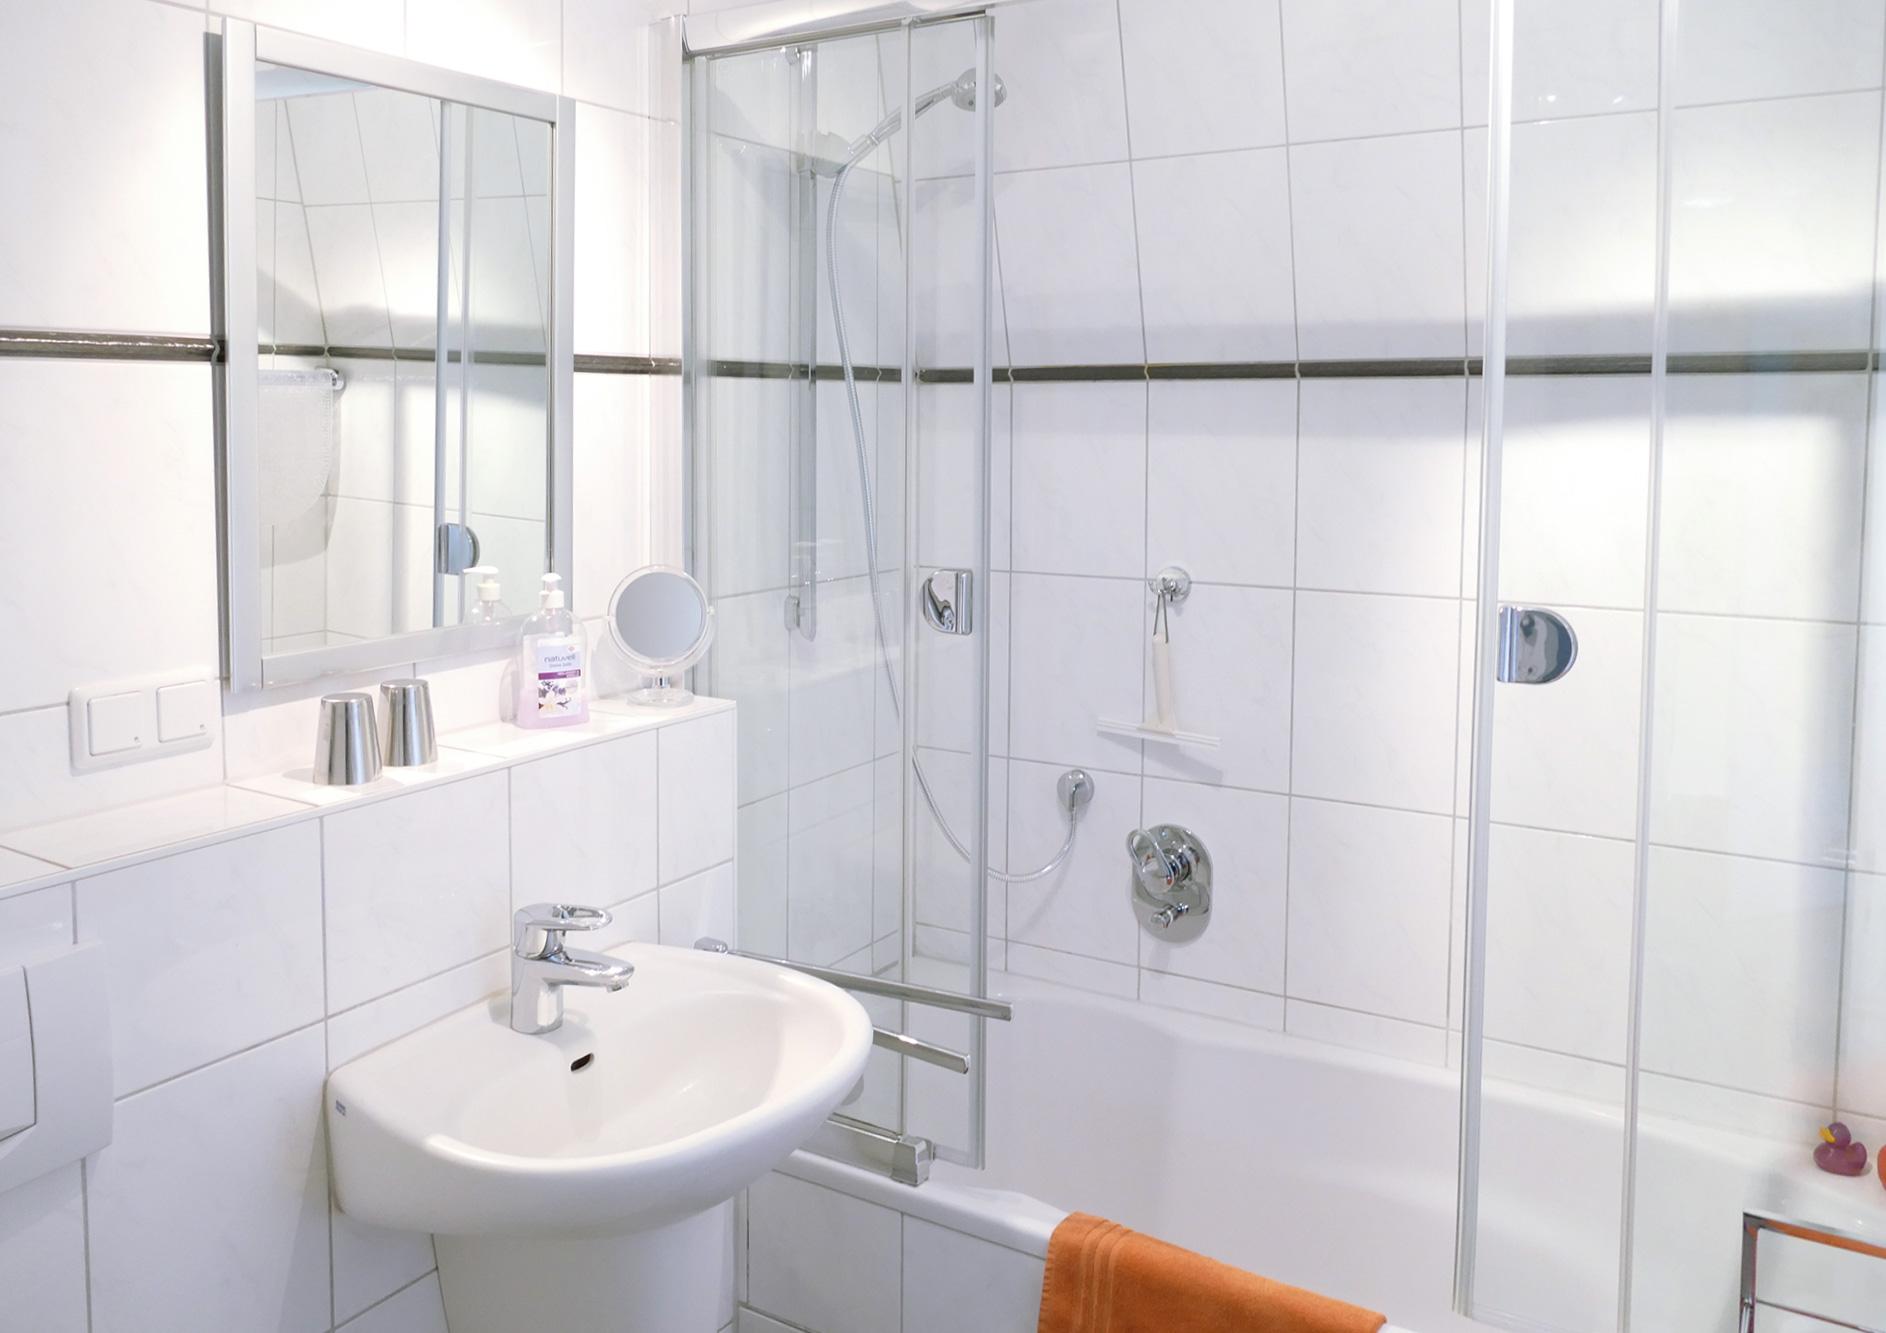 Badezimmer mit Duschbad, Waschbecken und Spiegel